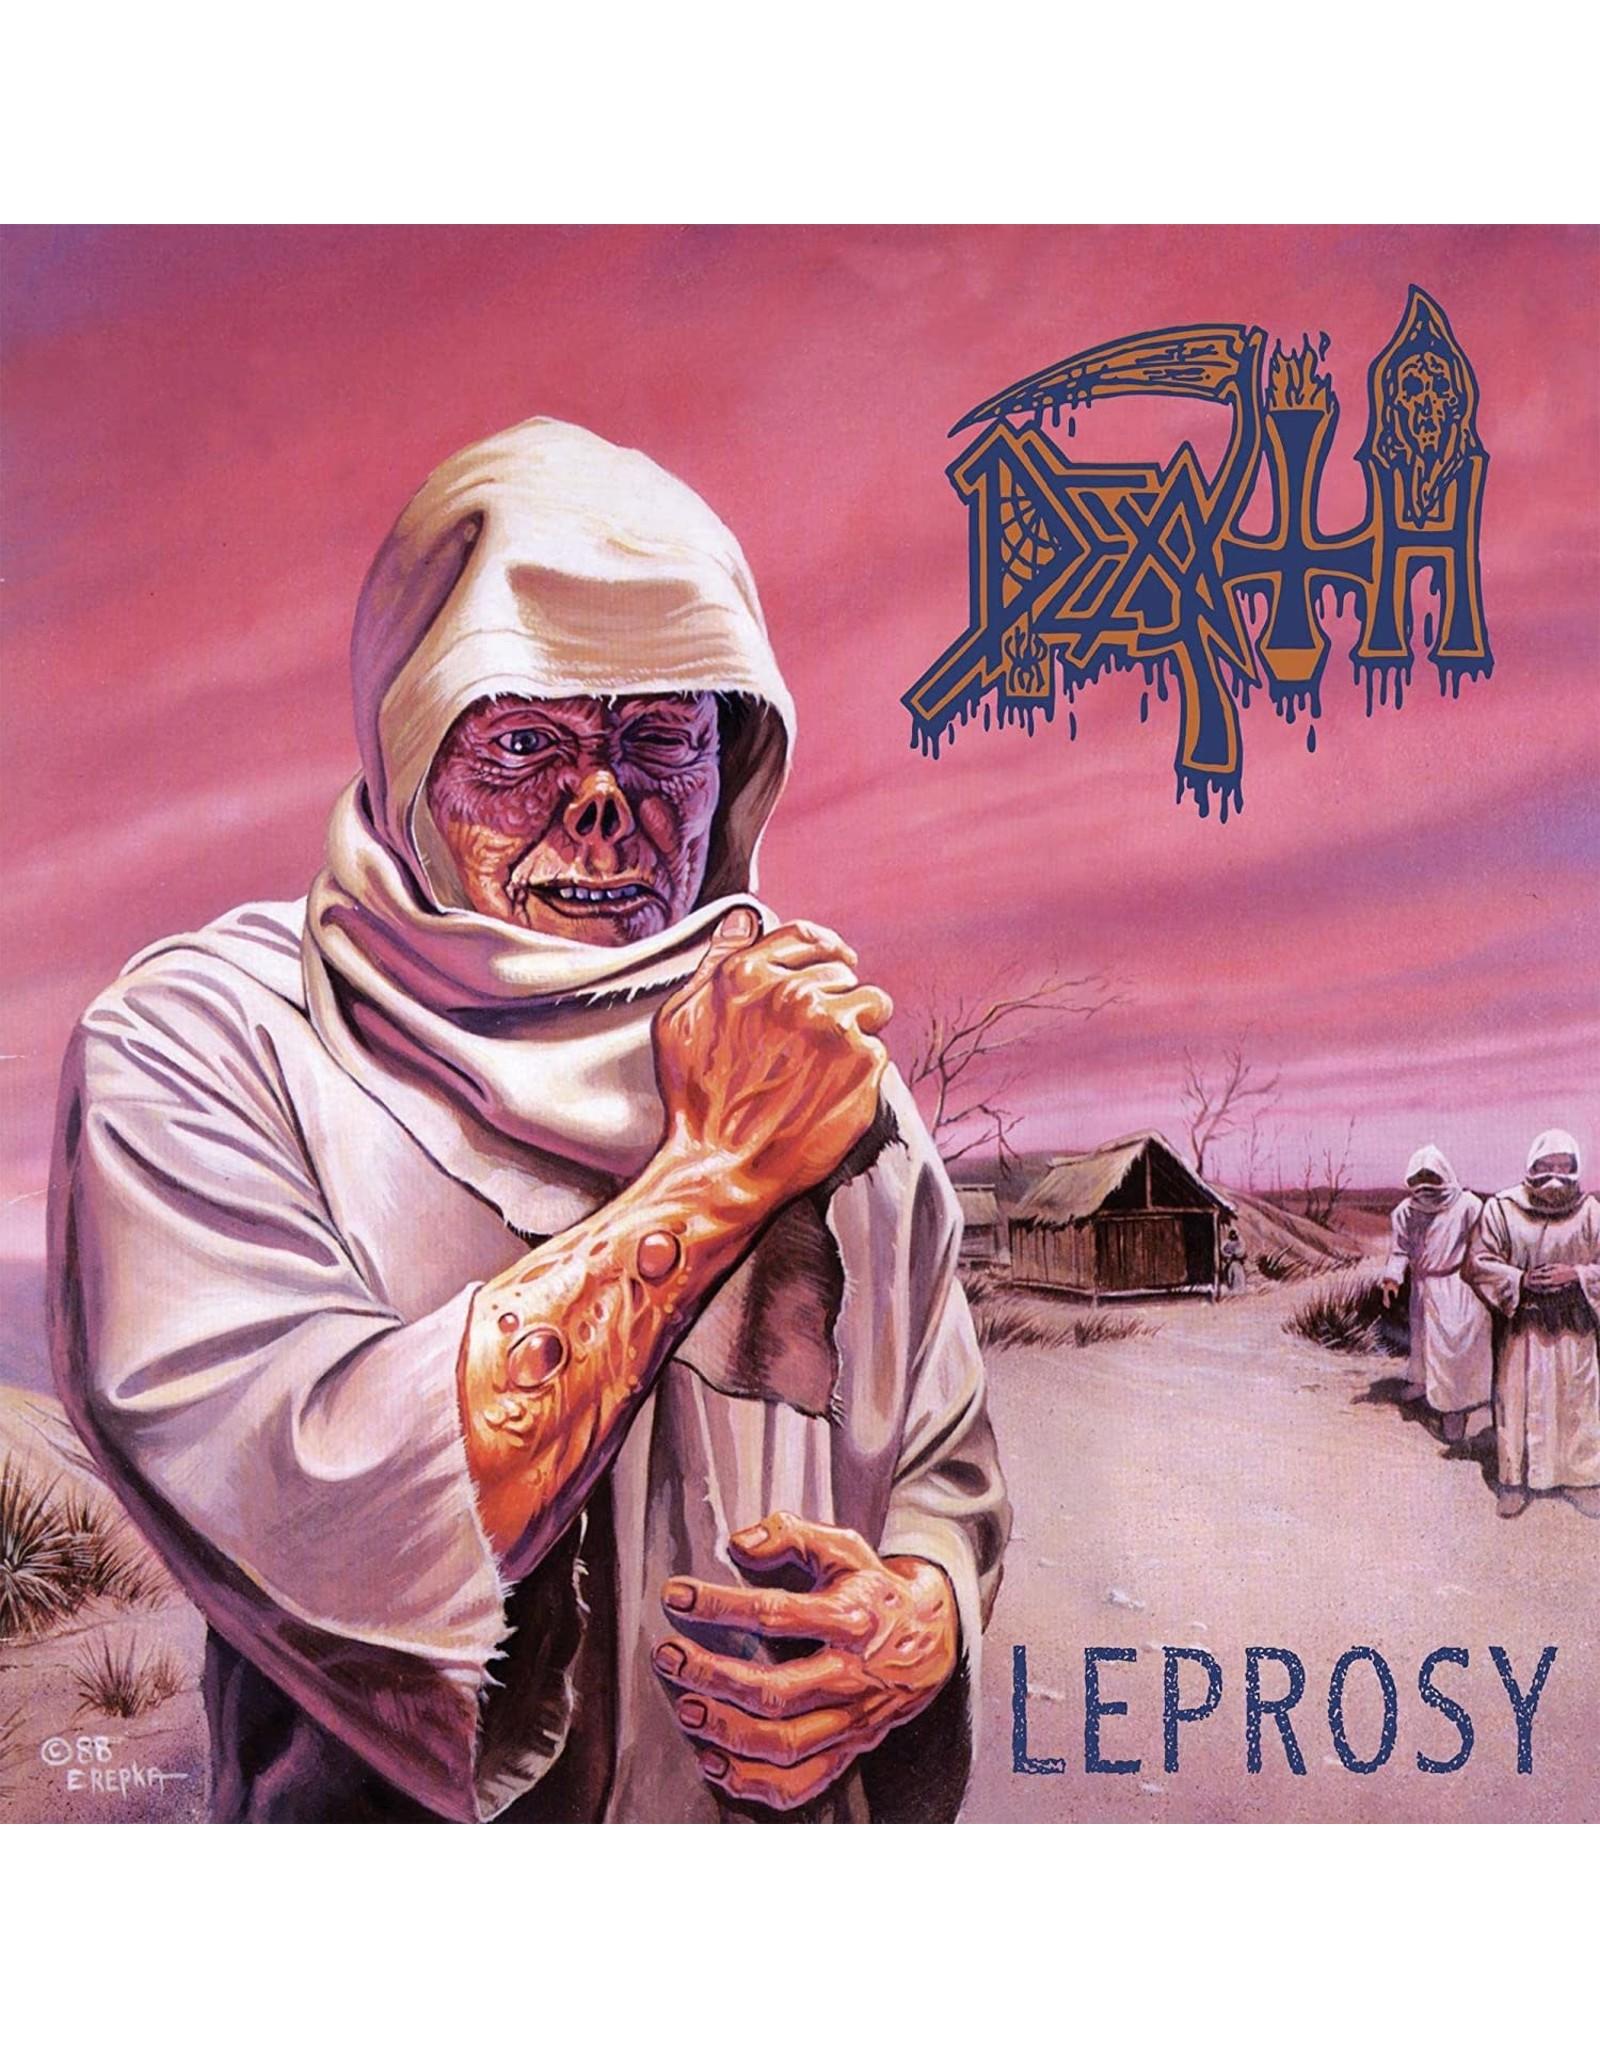 New Vinyl Death - Leprosy (Custom Splatter) LP